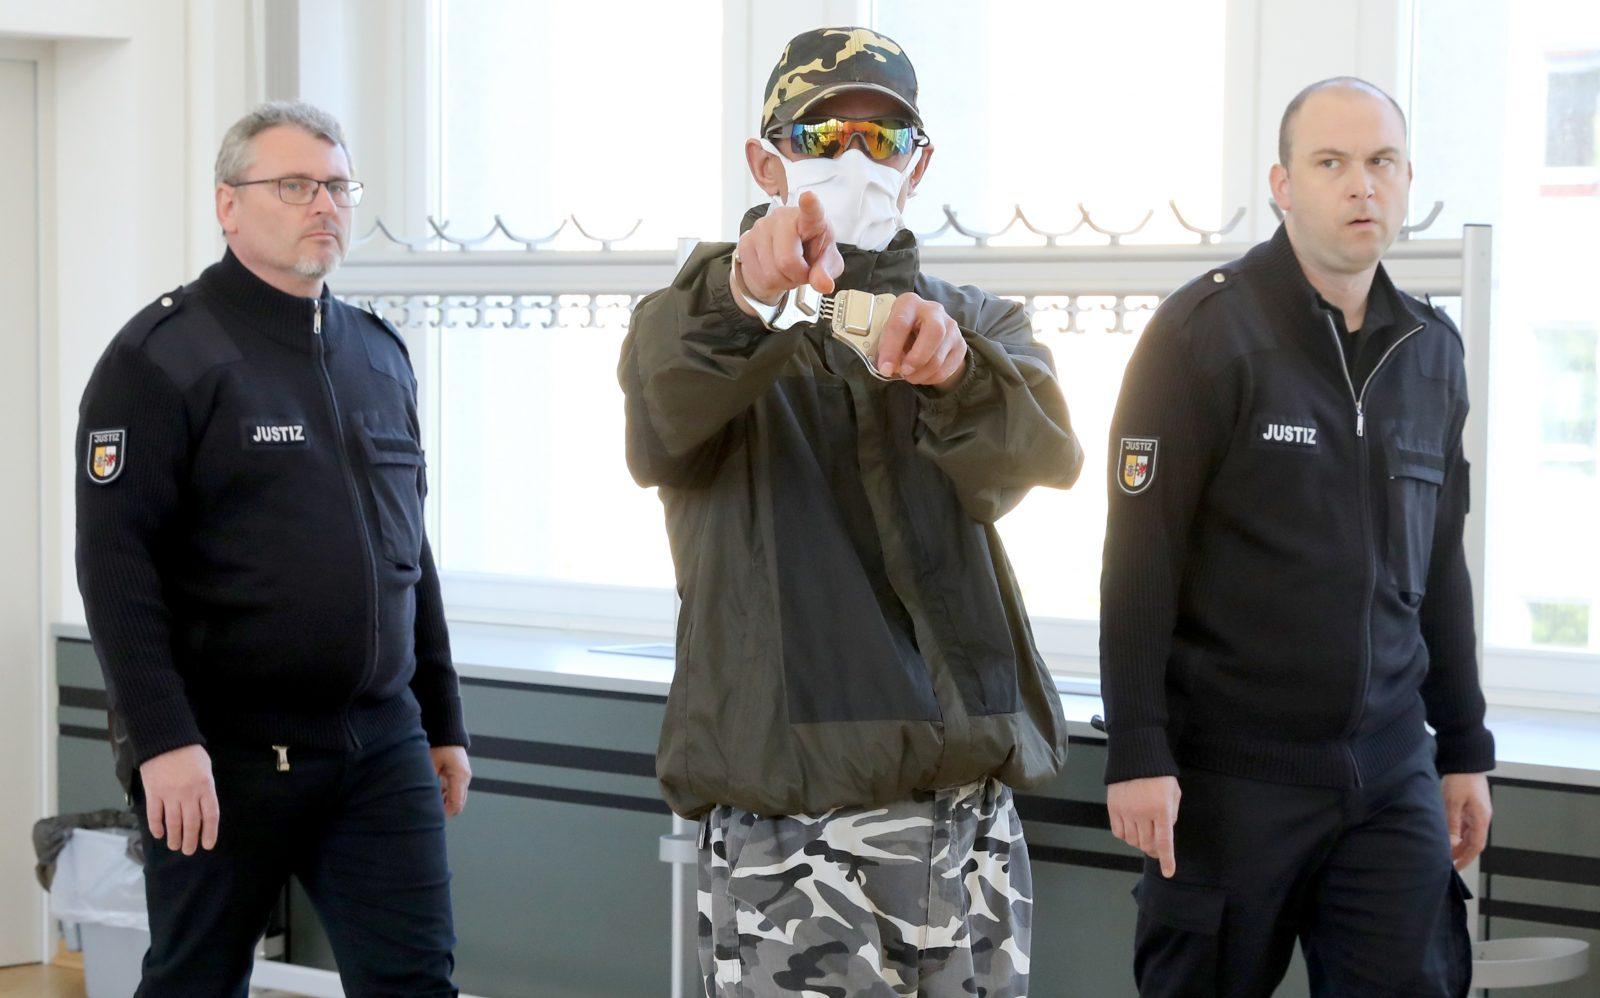 Der wegen Totschlags verurteilte Oleh T. (M.) drohte und provozierte während der Verhandlungen vor dem Landgericht Rostock Foto: picture alliance/Bernd Wüstneck/dpa-Zentralbild/dpa